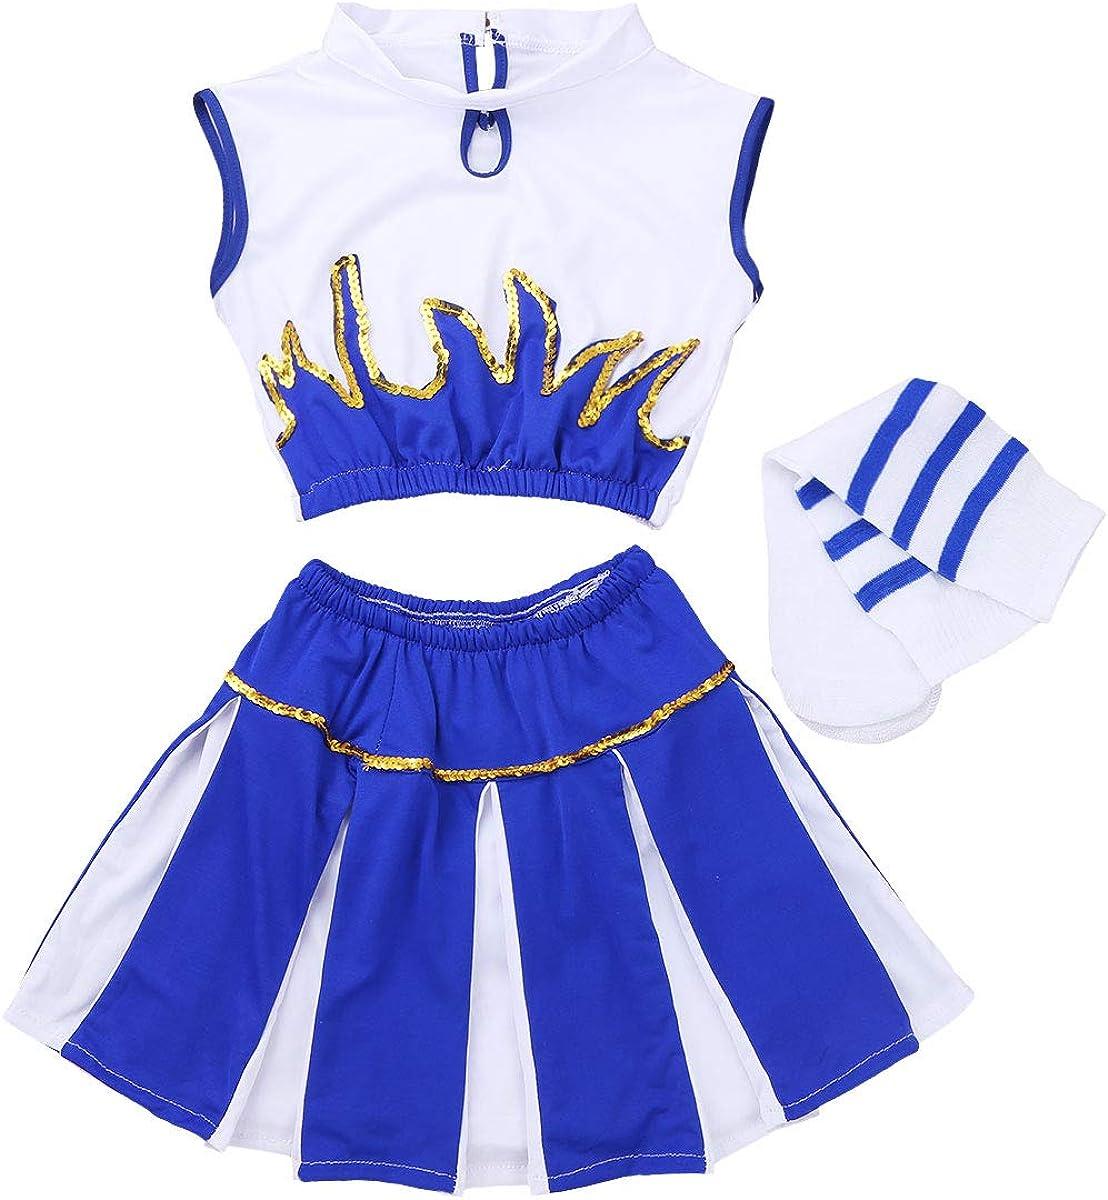 CHICTRY D/éguisement de Pom-Pom Girl Costume /écoliere Haut+avec Jupe+Chaussettes pour Fille avec poup/ée Majorette Dancewear pour Carnaval Coplay soir/ée